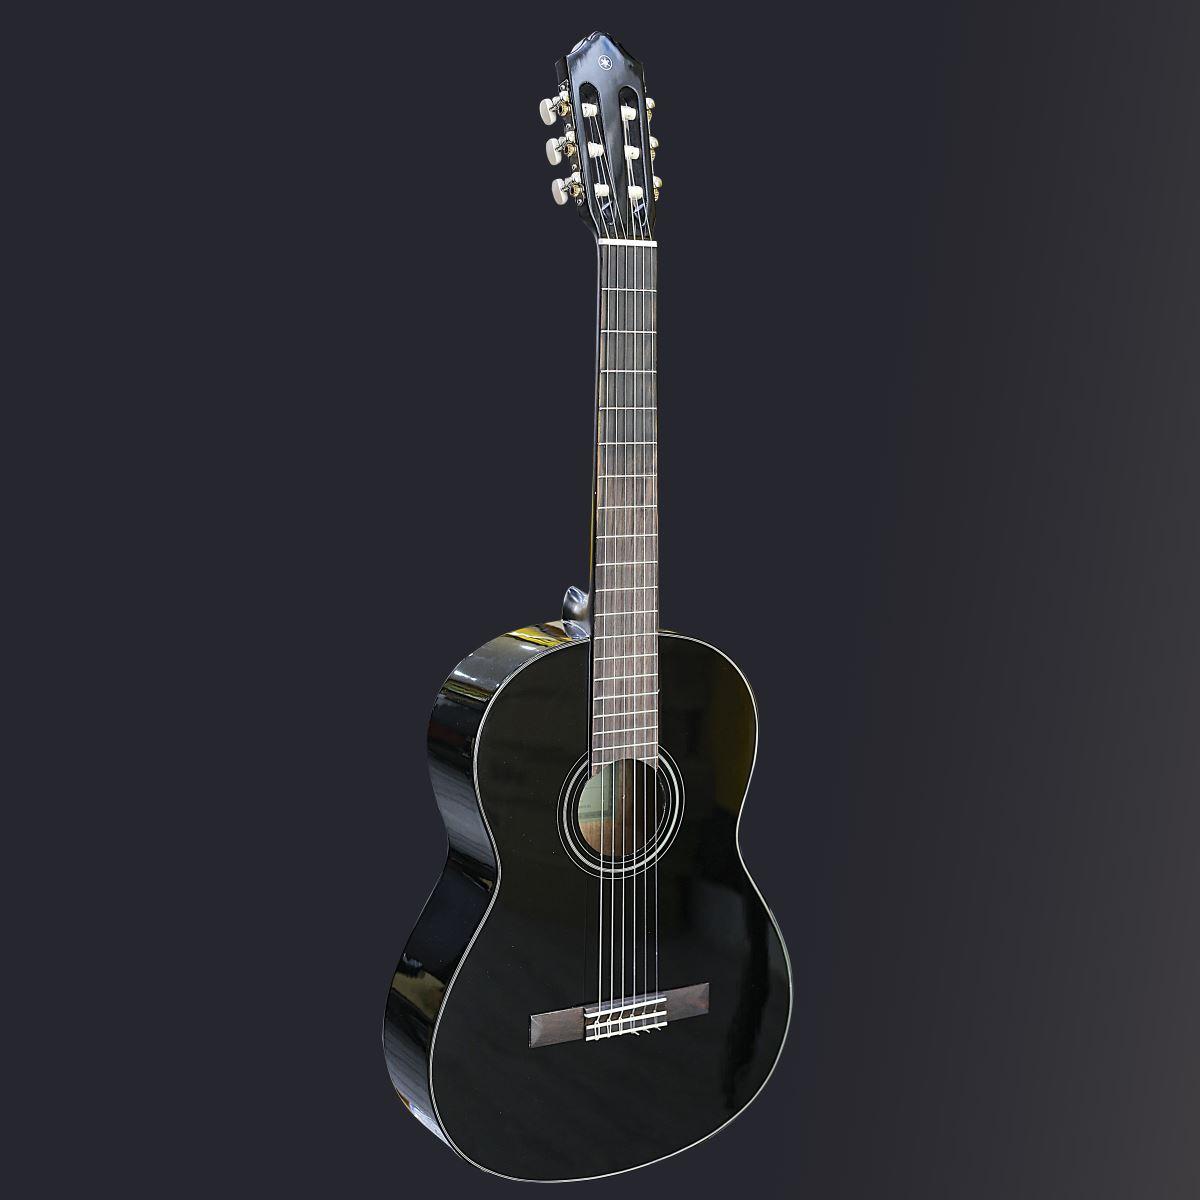 Đàn guitar yamaha C40 có tốt không ? Bạn cần biết gì?